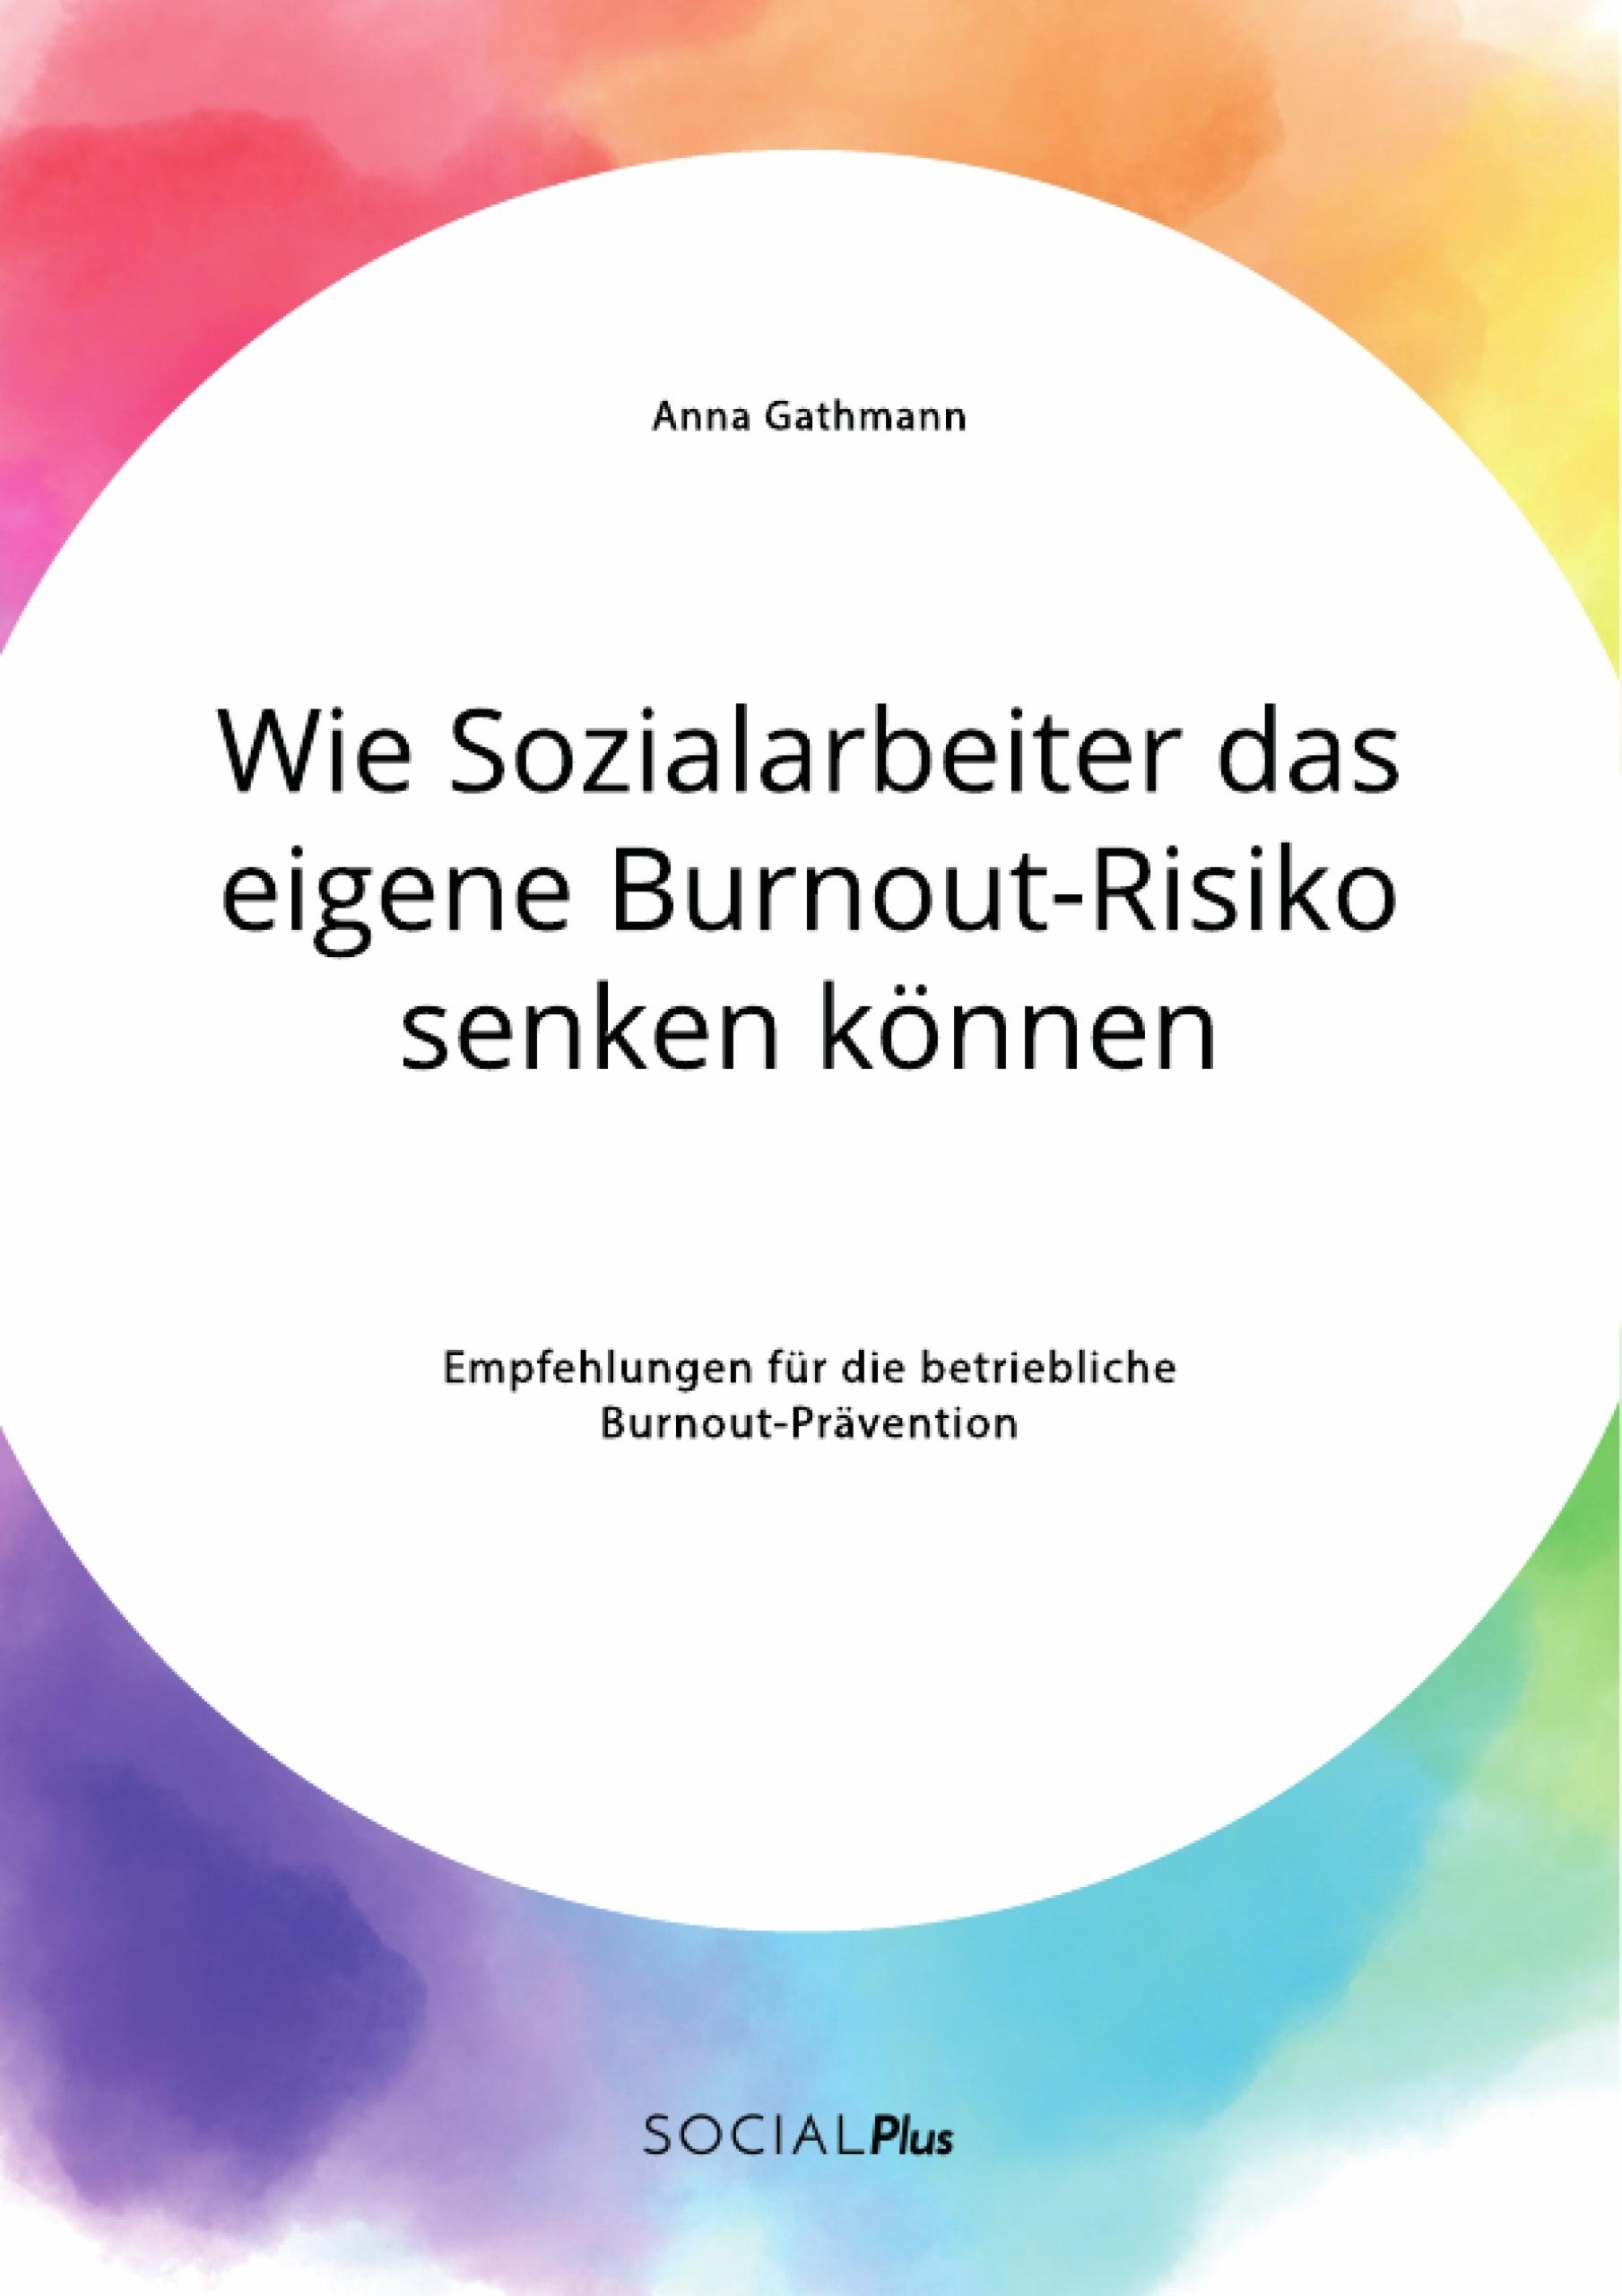 Titel: Wie Sozialarbeiter das eigene Burnout-Risiko senken können. Empfehlungen für die betriebliche Burnout-Prävention